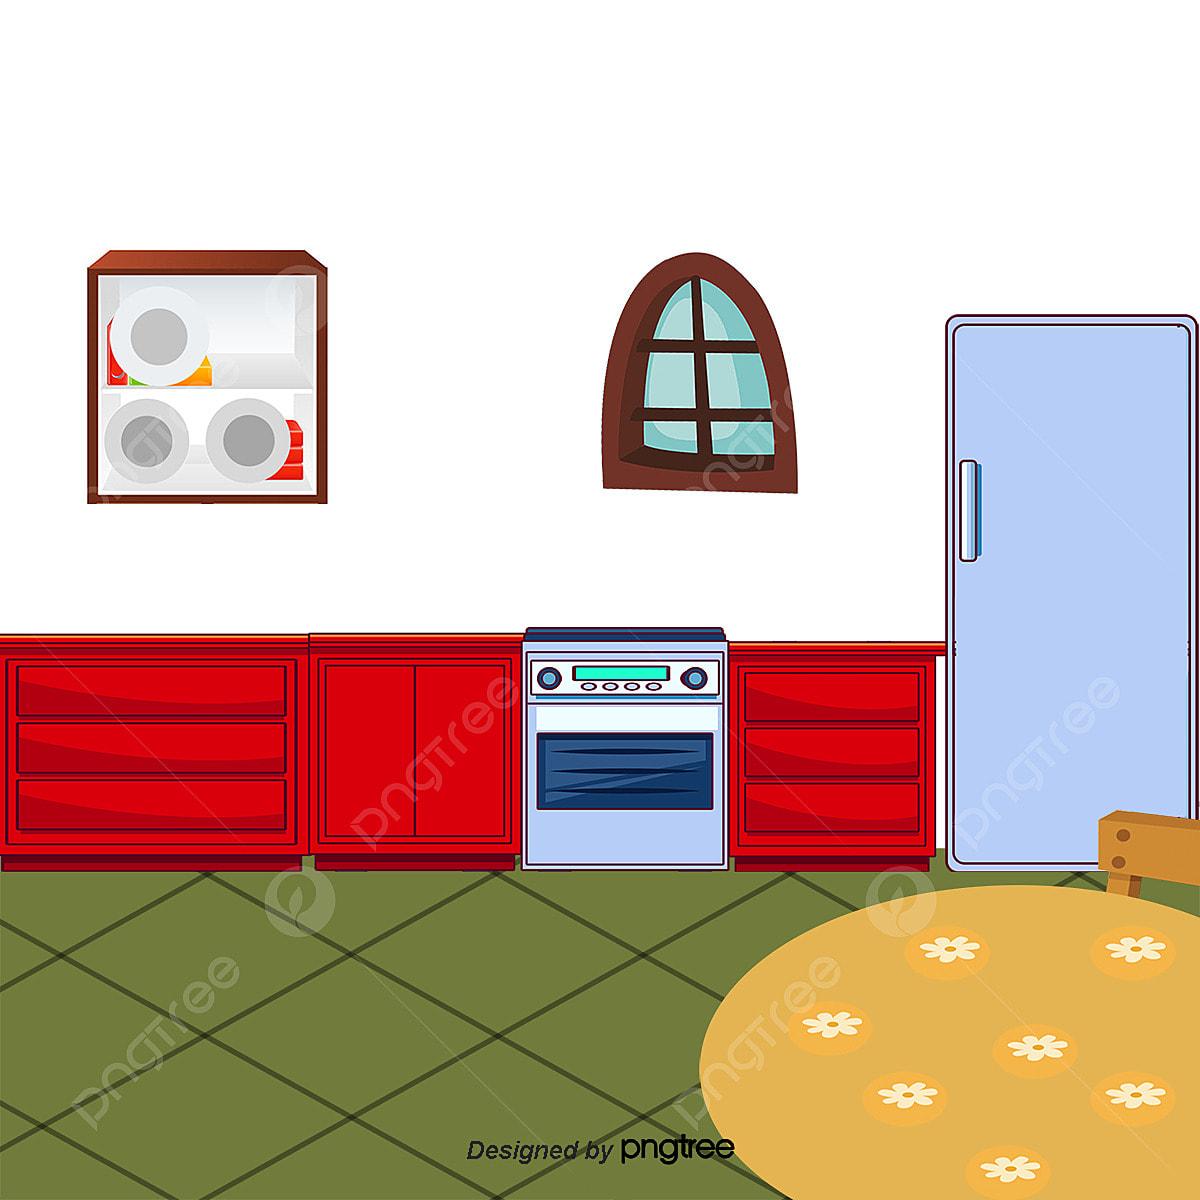 Cocina De Dibujos Animados, Muebles De Cocina, Refrigerador, Armario ...